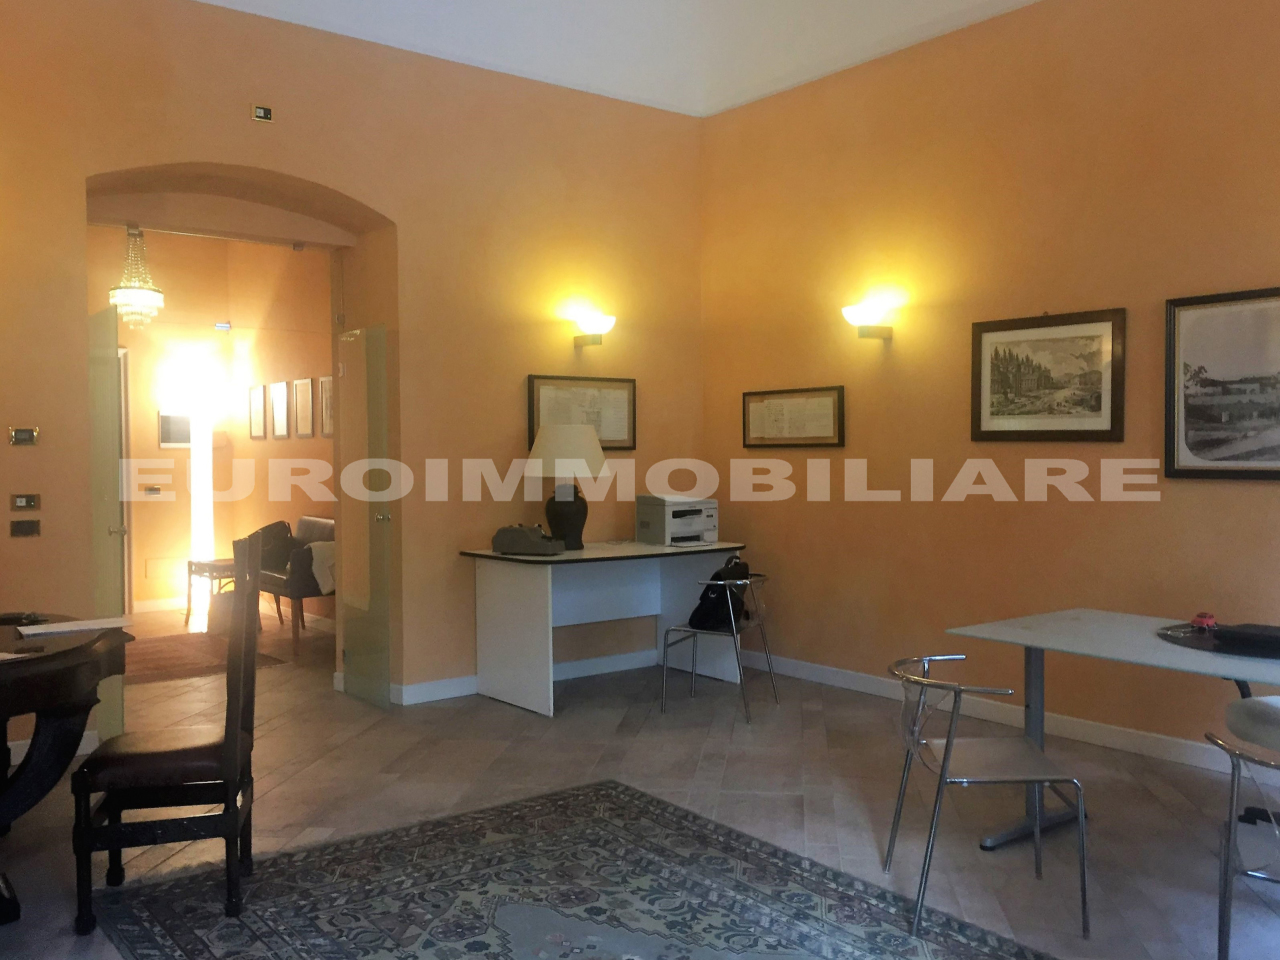 Appartamento in affitto a Brescia, 1 locali, prezzo € 850   CambioCasa.it